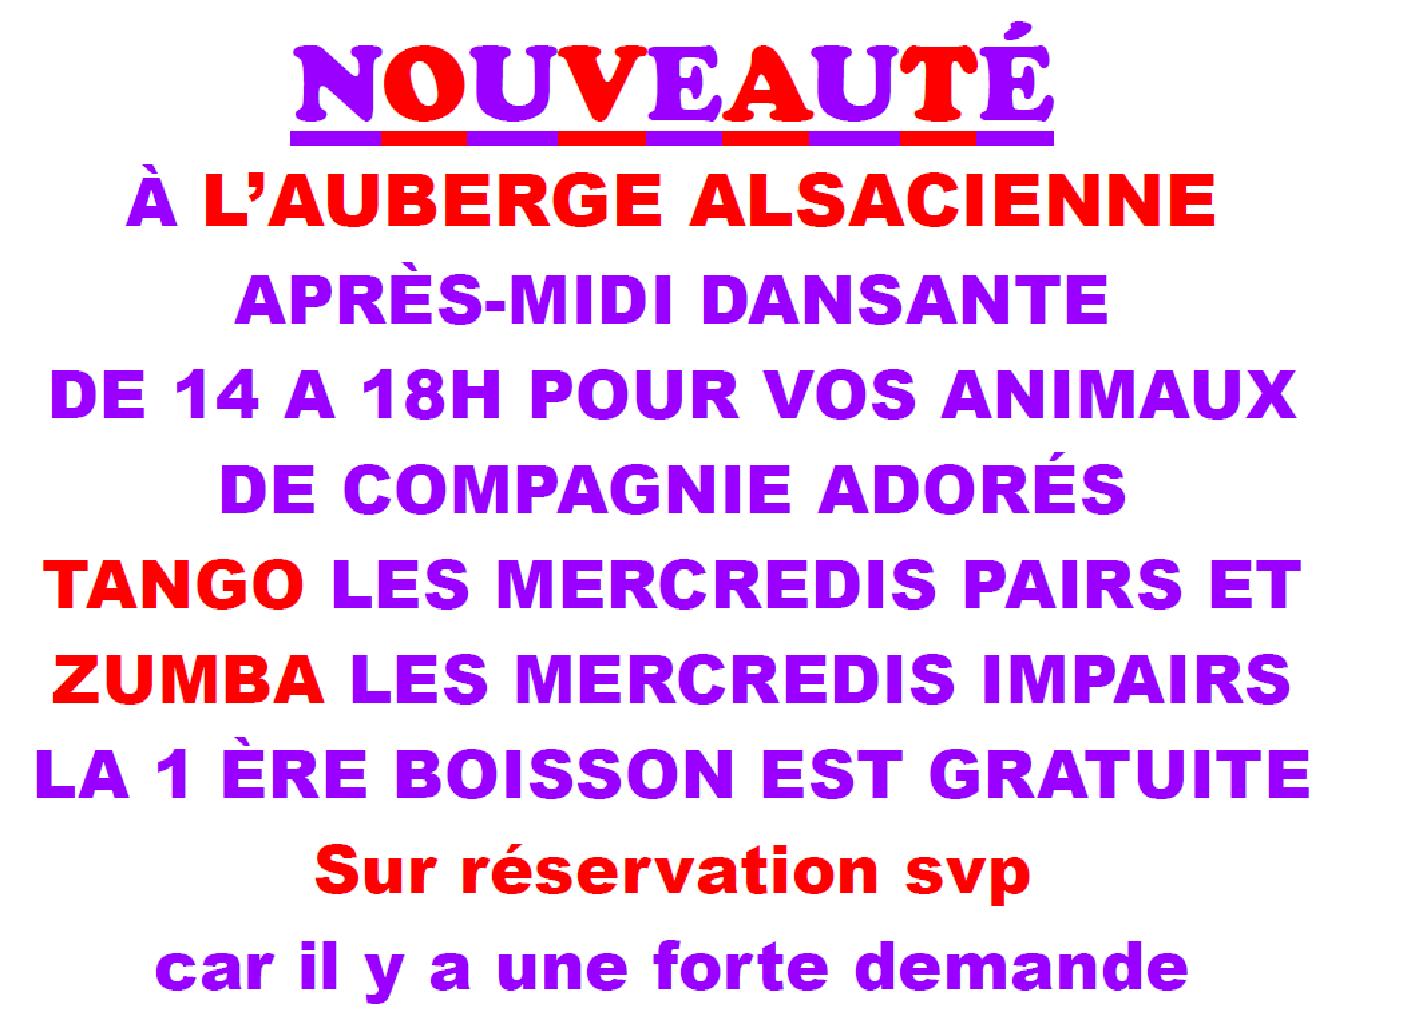 Auberge alsacienne